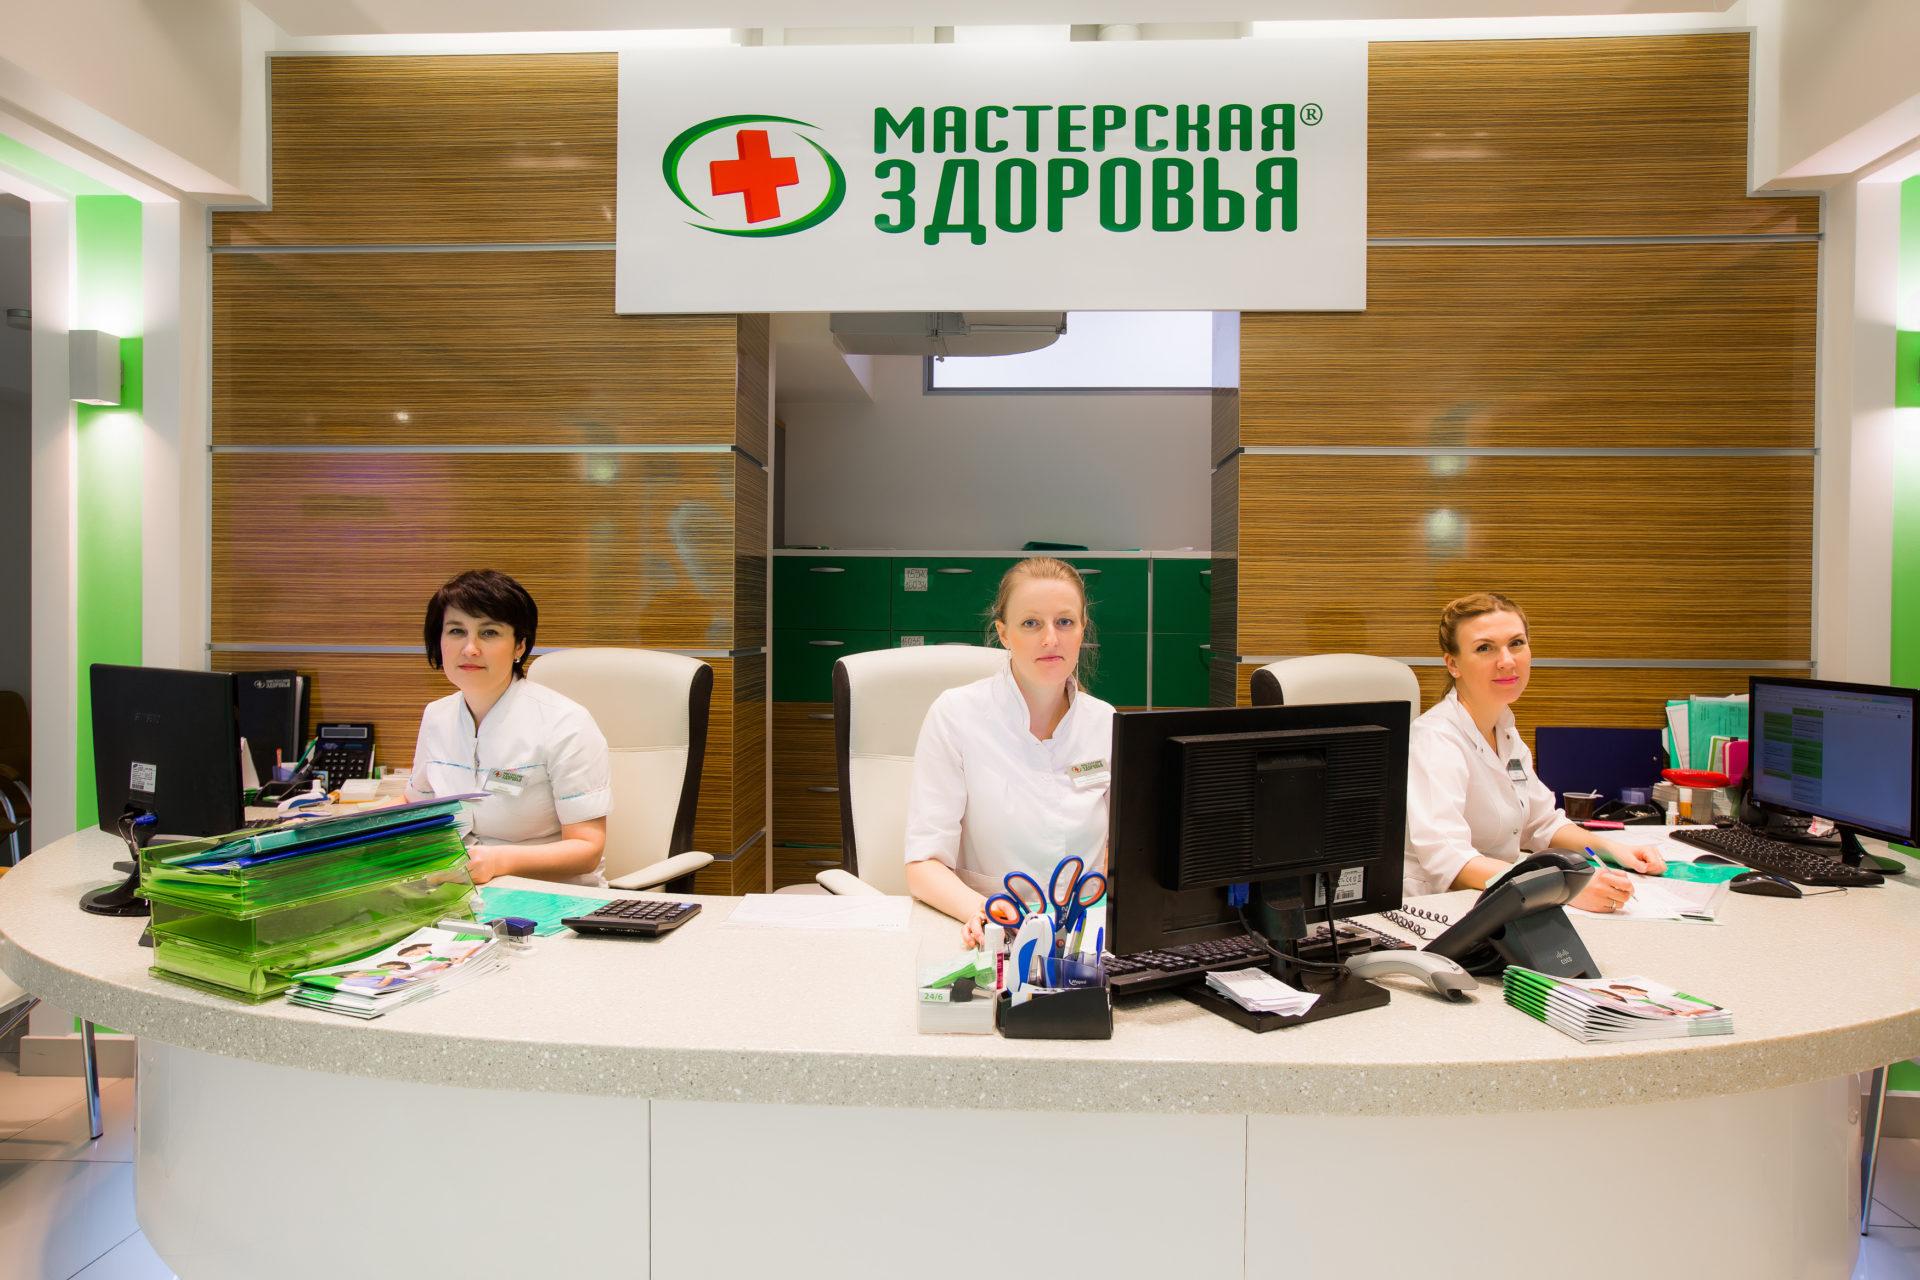 Клиентский сервис в клинике — опыт «Мастерской здоровья»